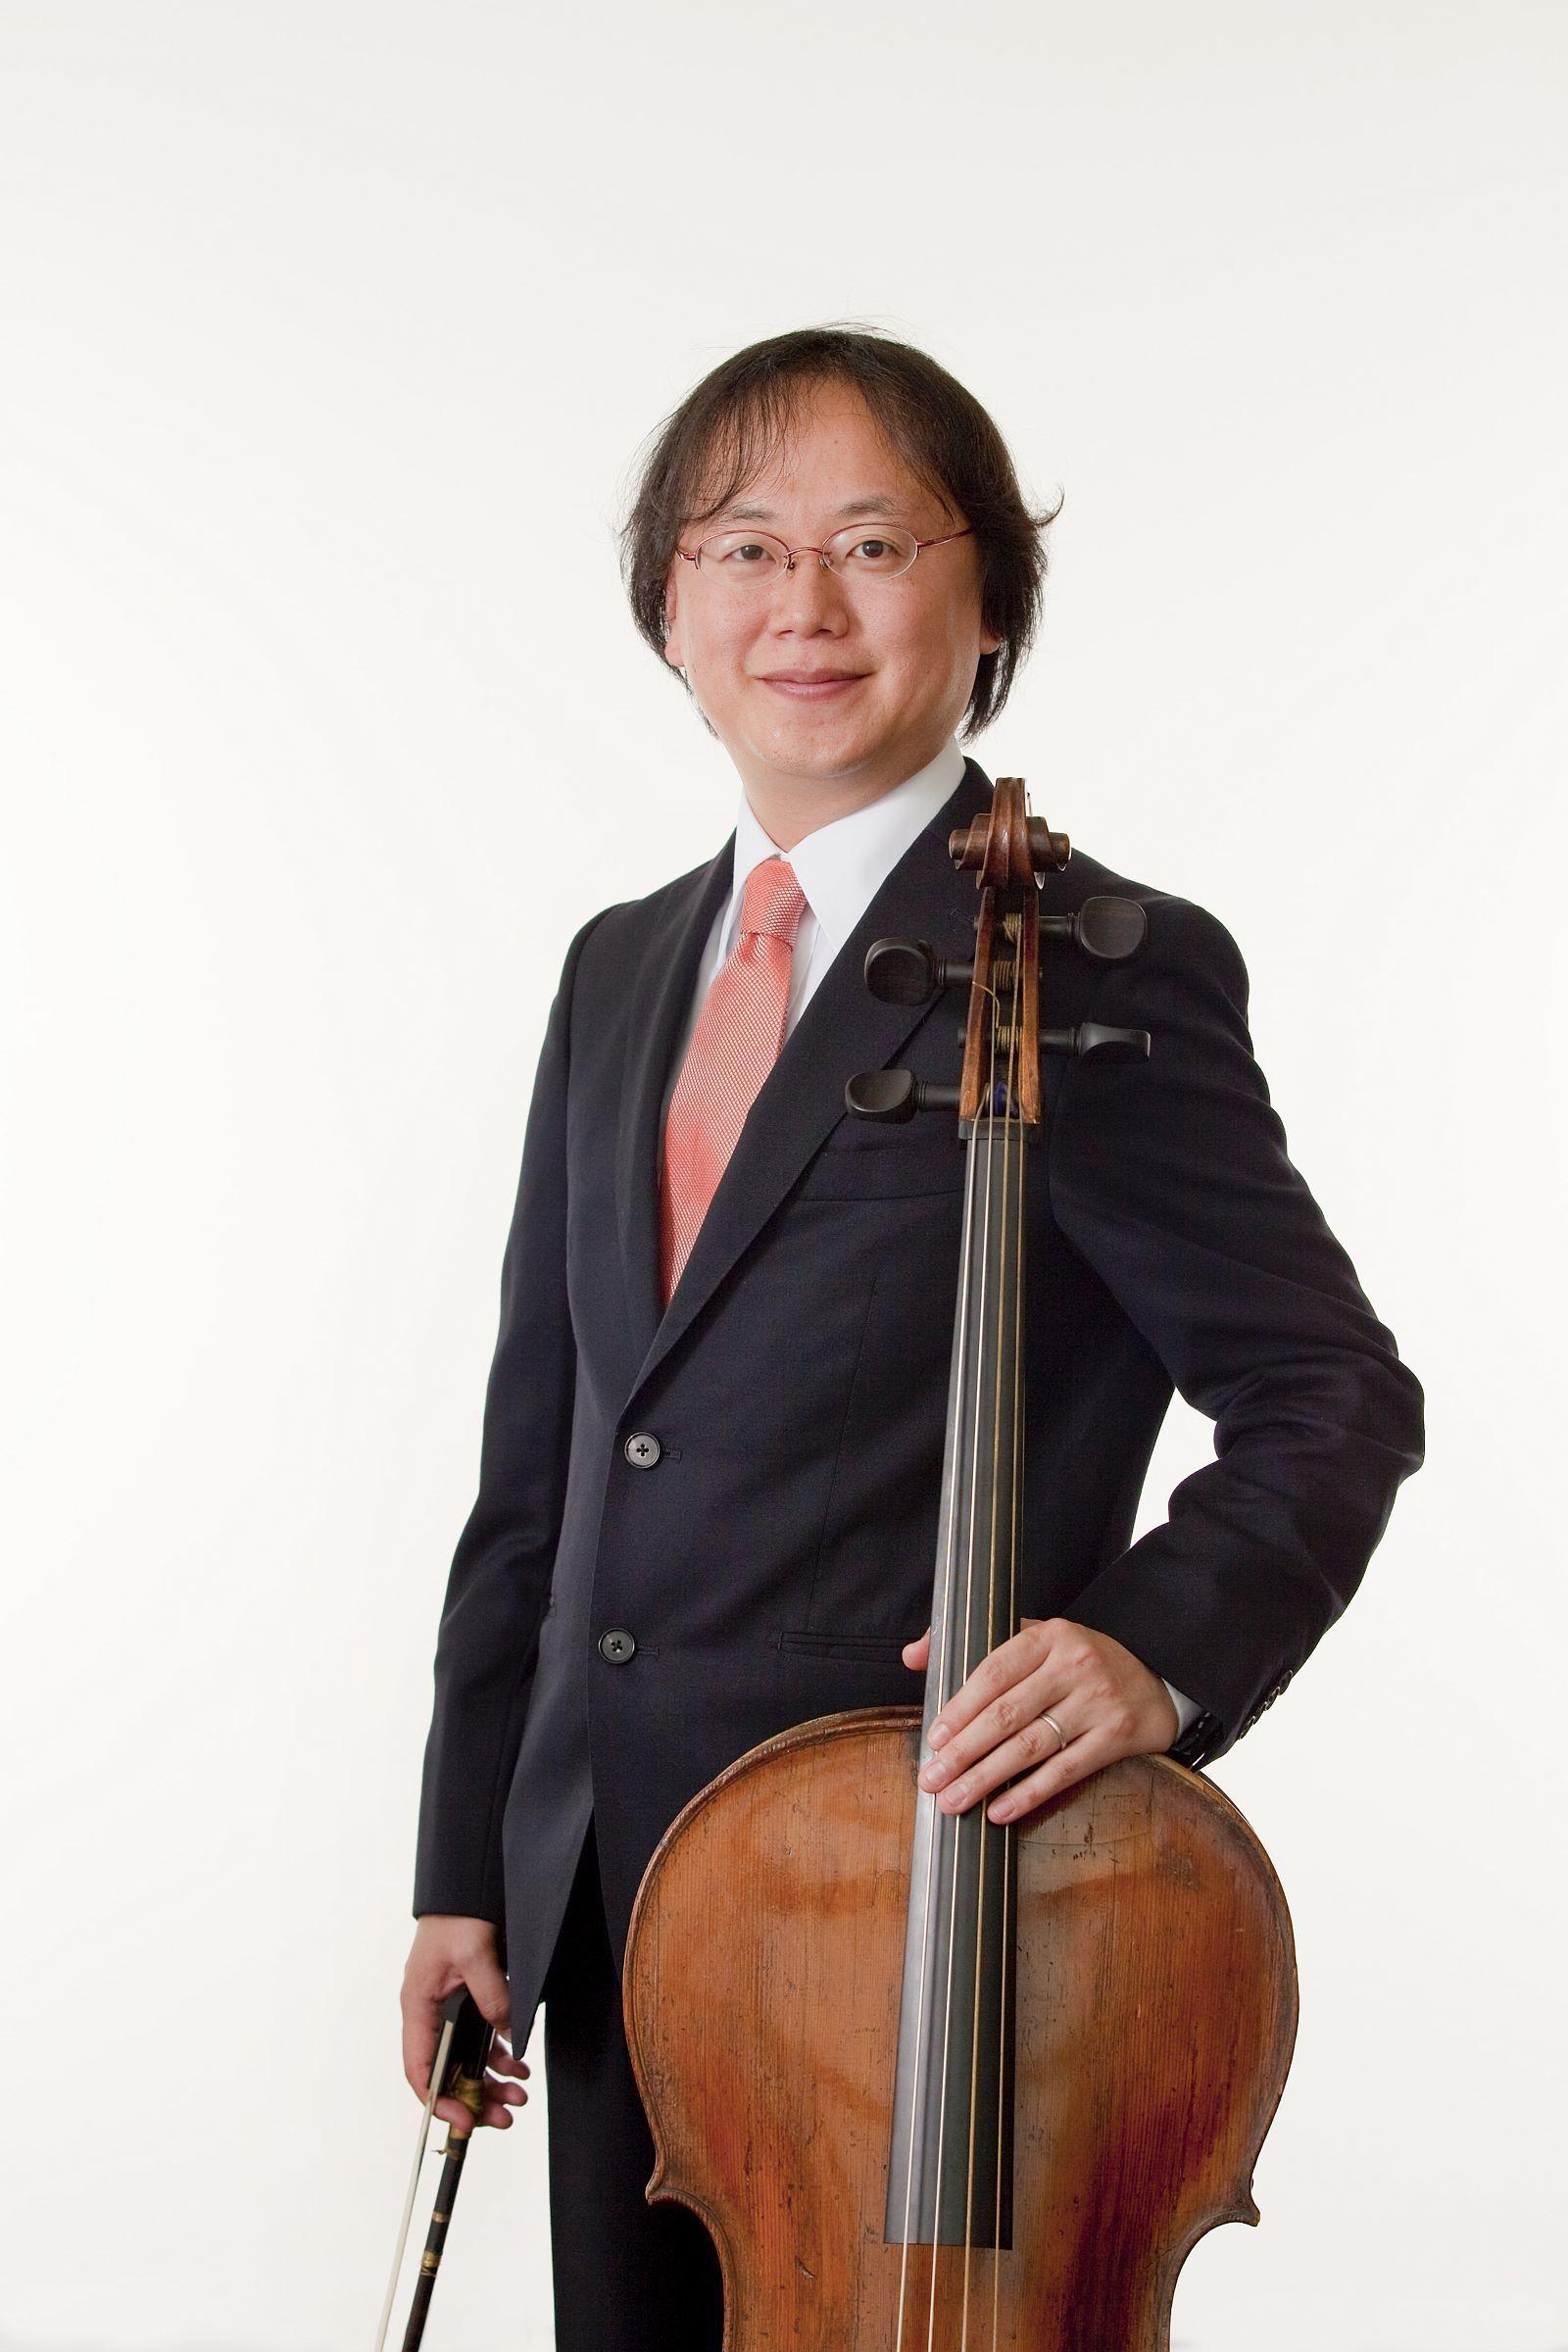 懸田貴嗣は一線で活躍するバロック・チェロ奏者だ (C)K.Miura